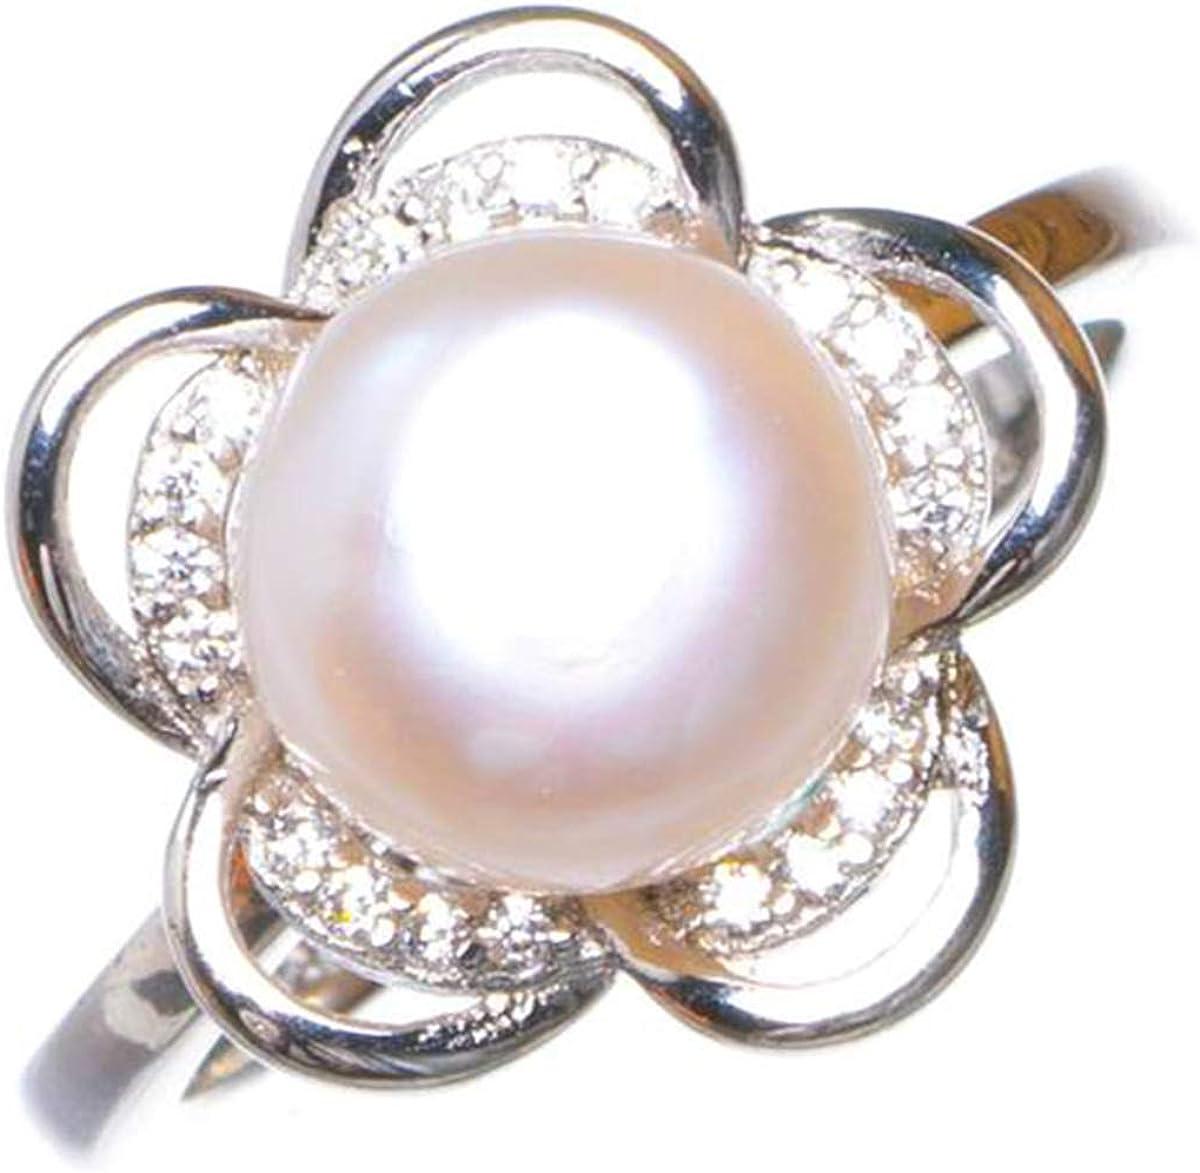 StarGems Anillo de Plata de Ley 925 Hecho a Mano con Apertura de Flor de circón Natural de Perlas de río 11 1/2 D1235